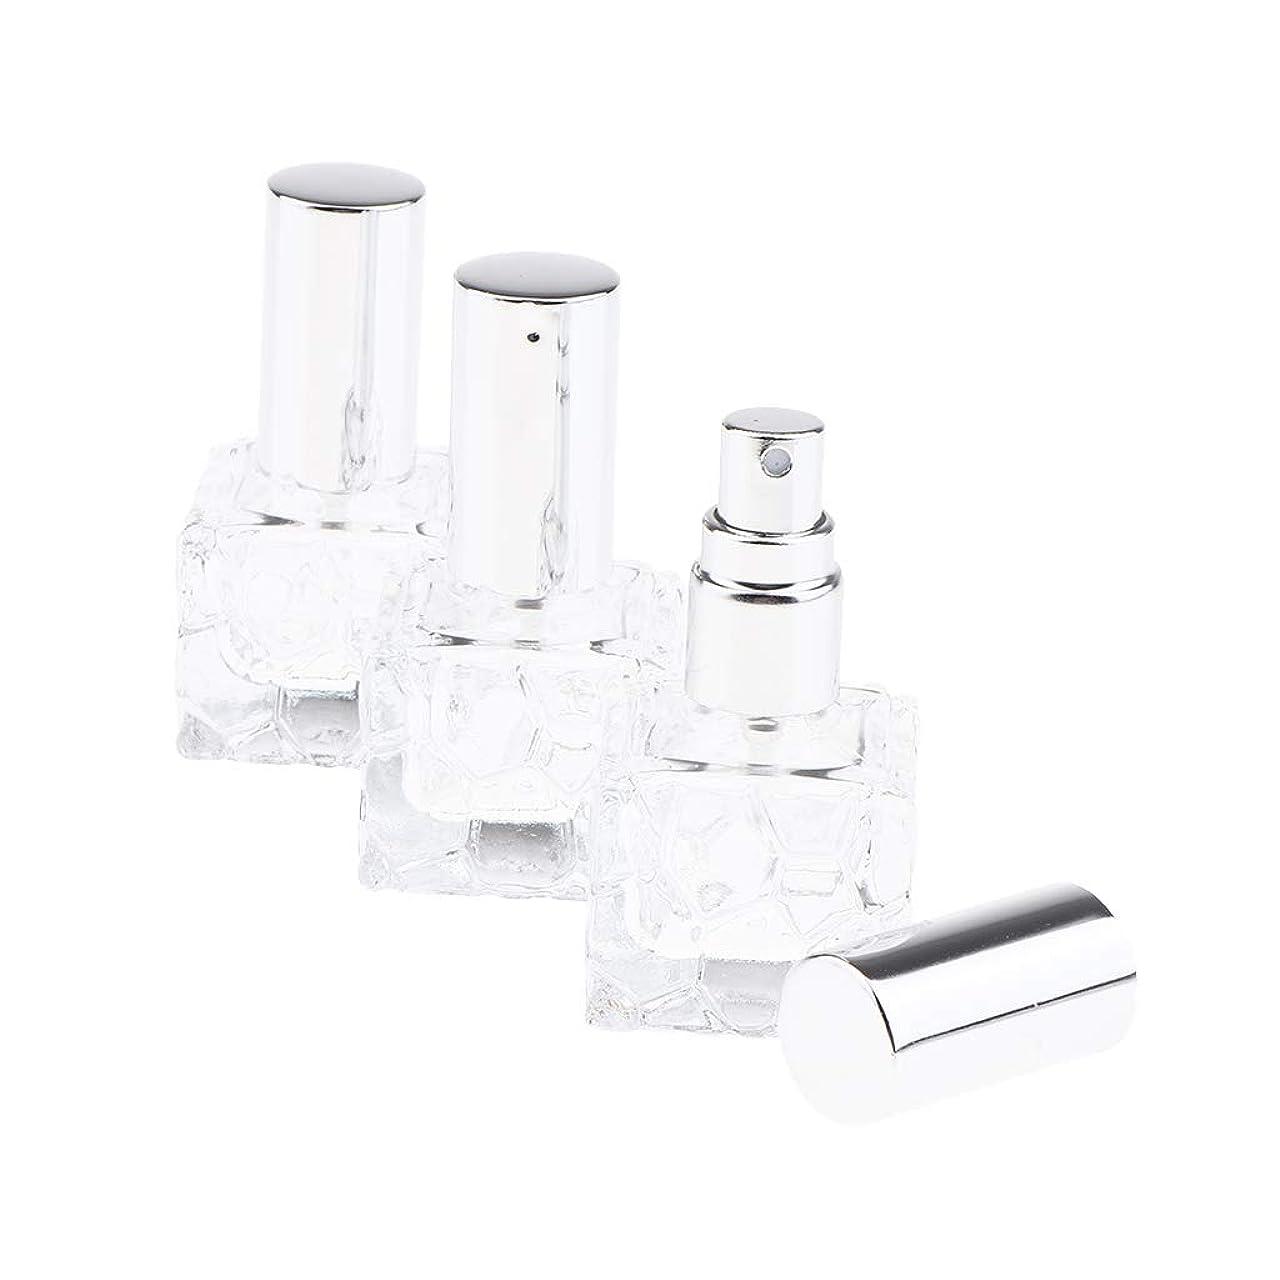 伝える電報刈り取るSM SunniMix 香水瓶 ポンプ式 スプレーボトル ガラス 香水アトマイザー 香水噴霧器 香水入れ 携帯用 2種選択でき - 10ml 3個